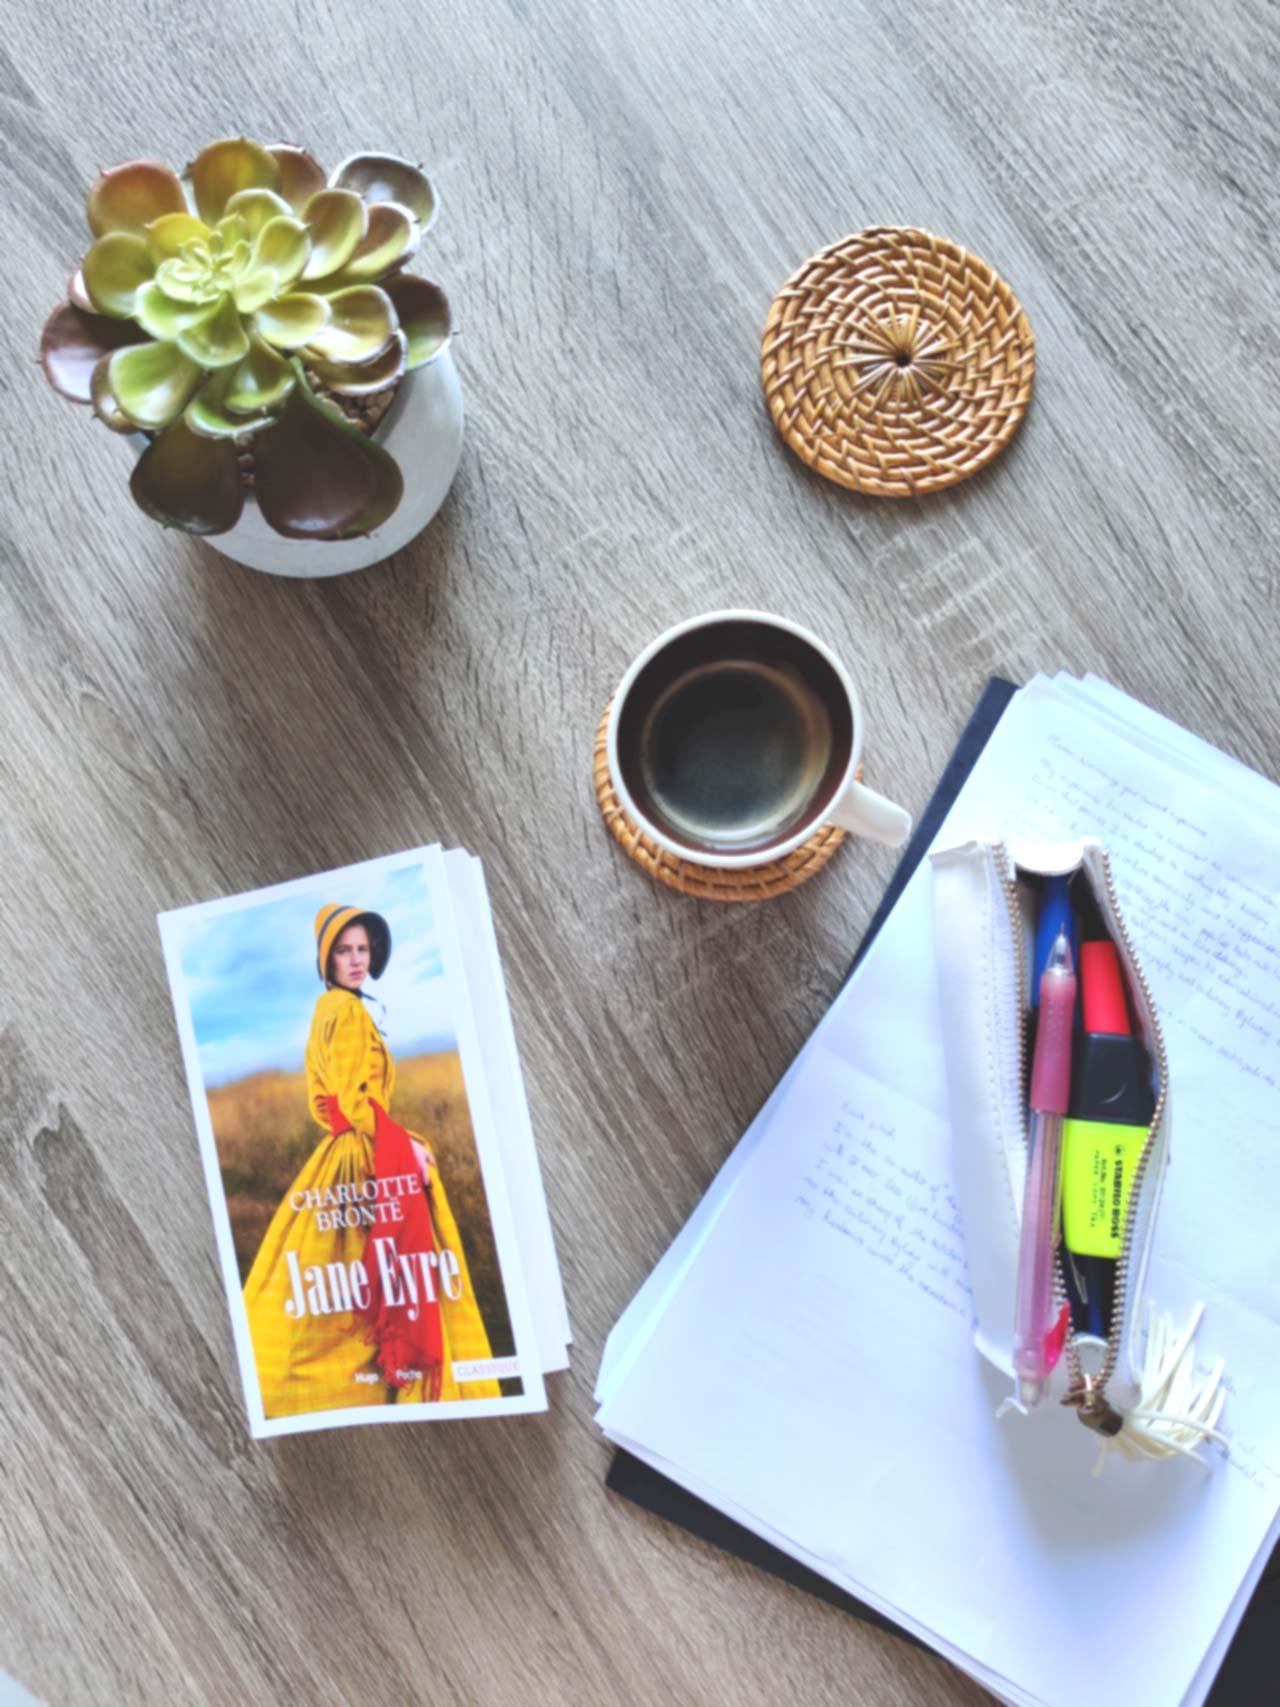 Jane-Eyre-café-pause